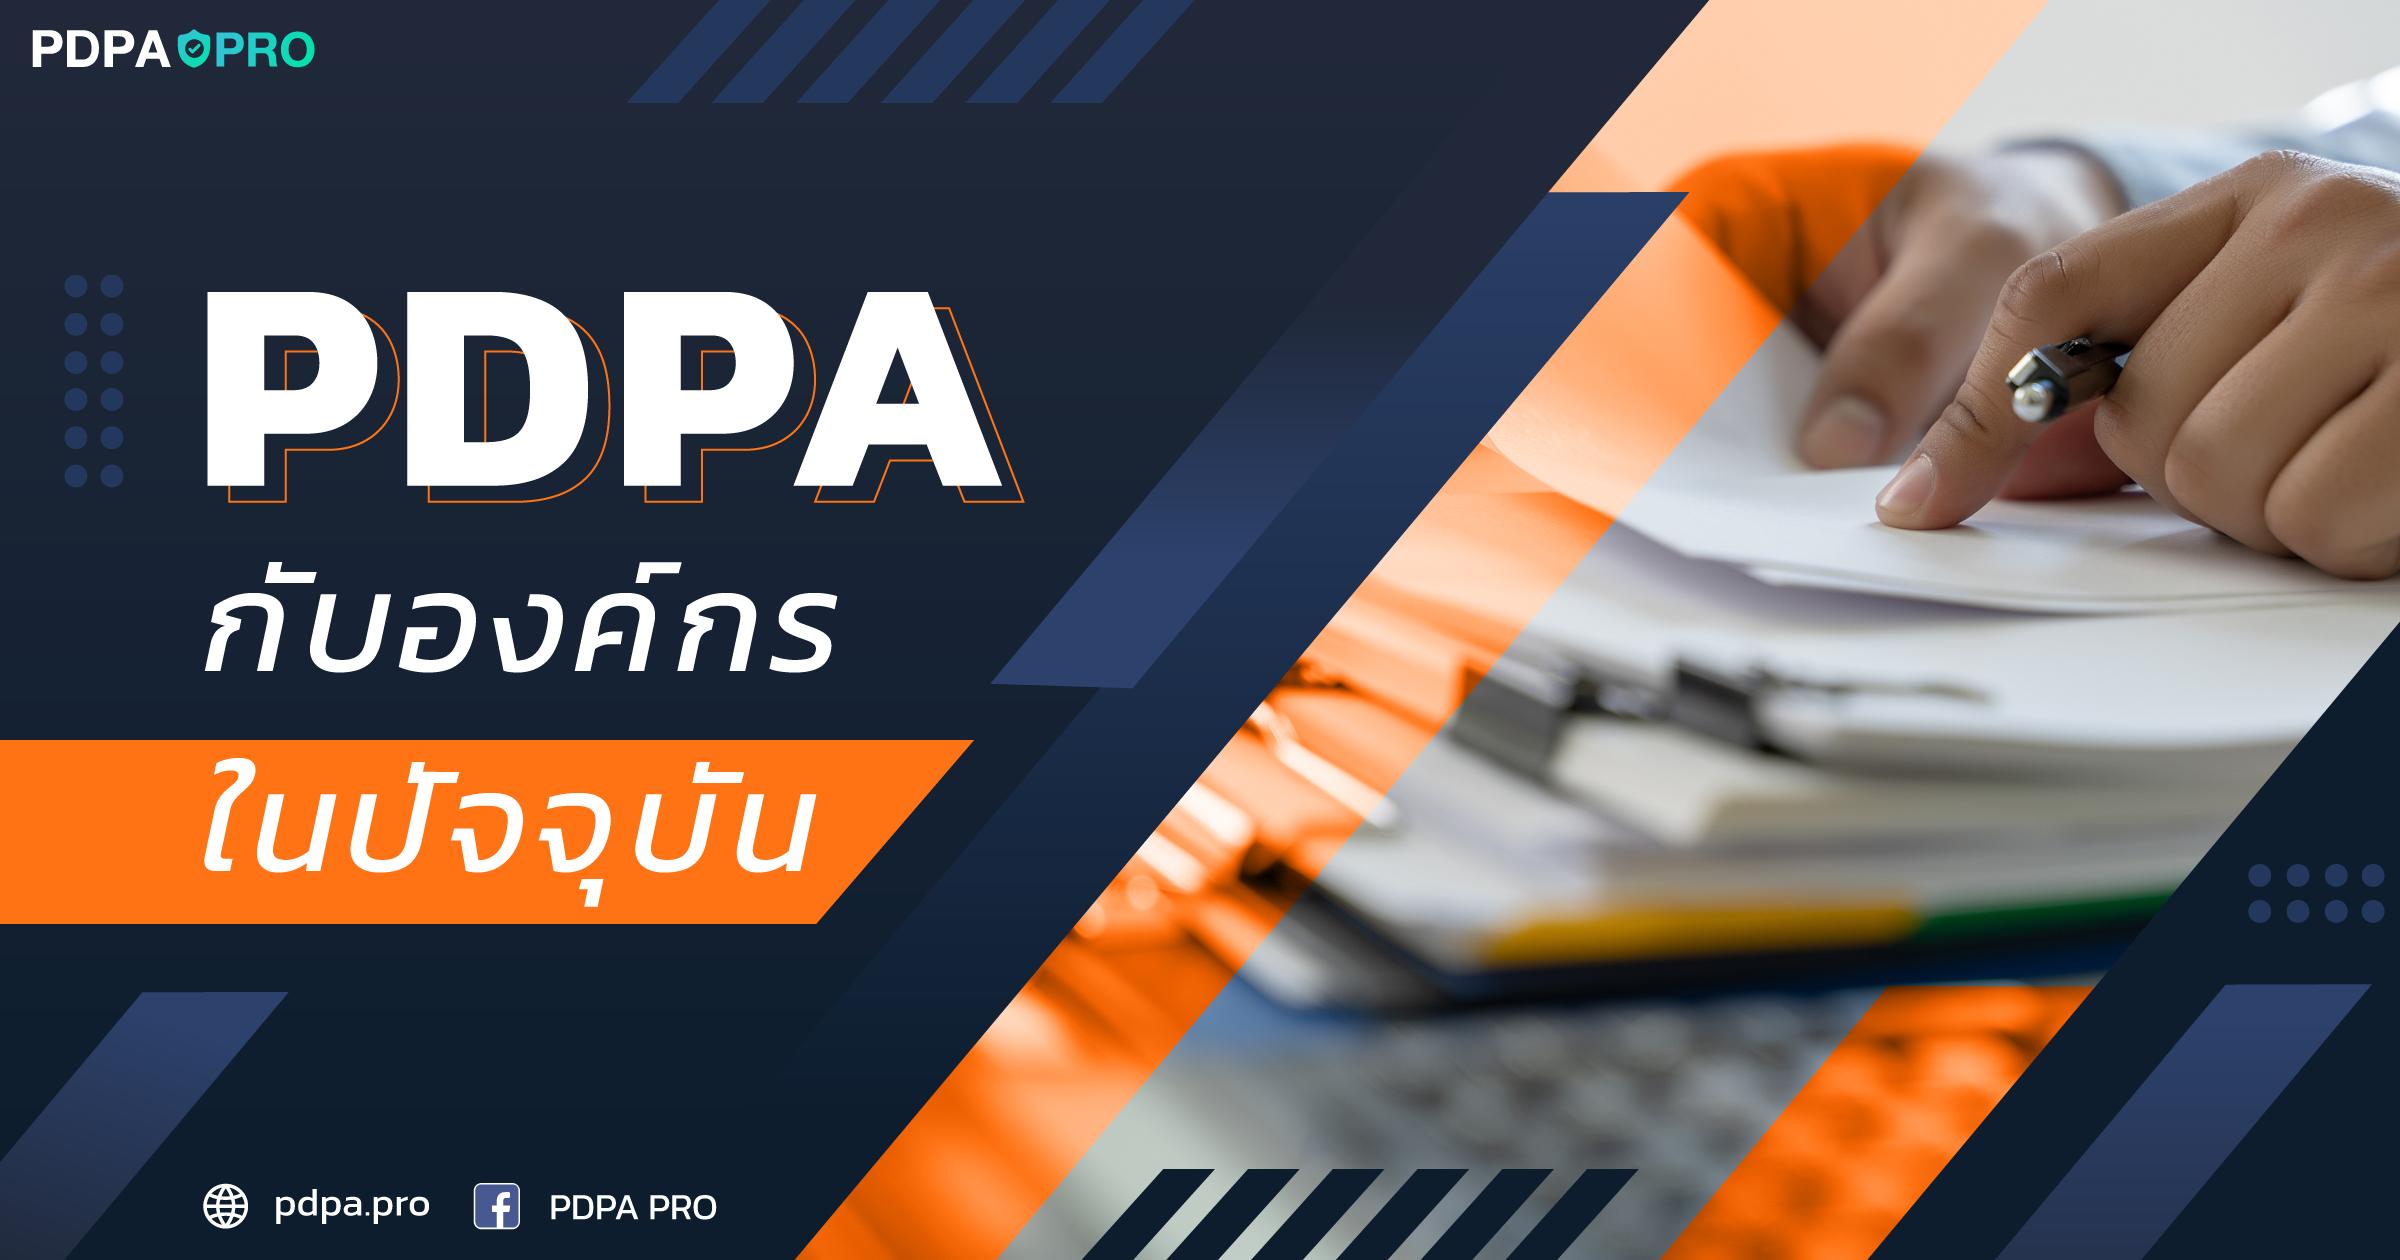 PDPA กับองค์กรในปัจจุบัน